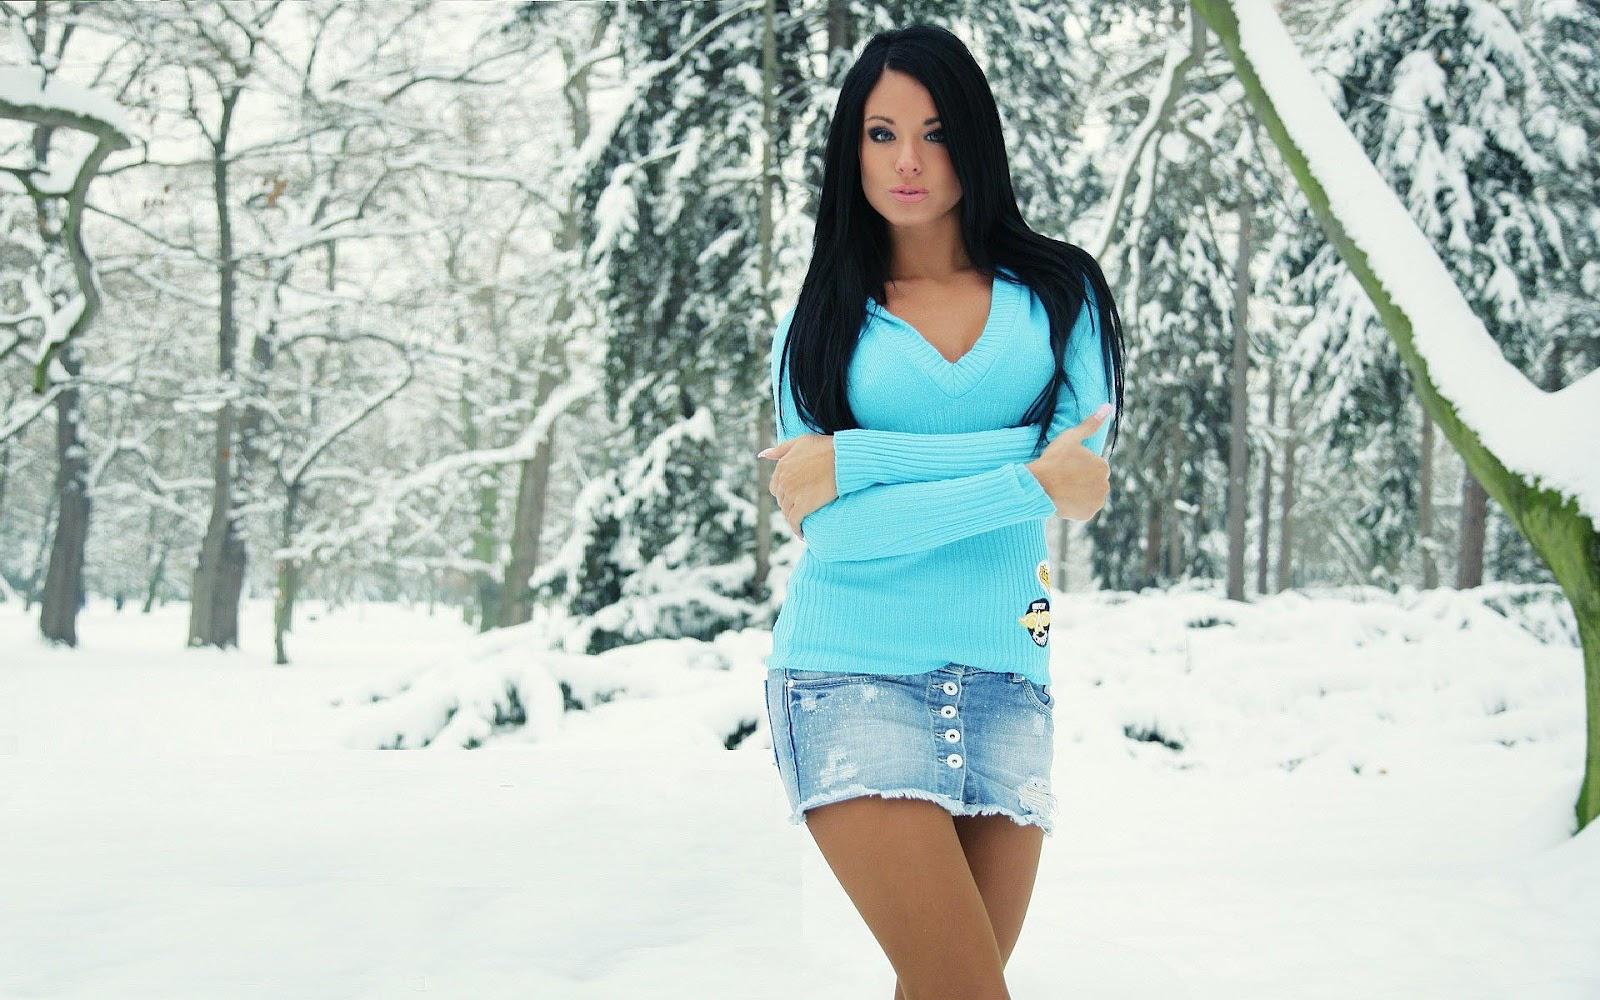 Mooie foto met vrouw in sneeuw  Mooie Leuke Achtergronden